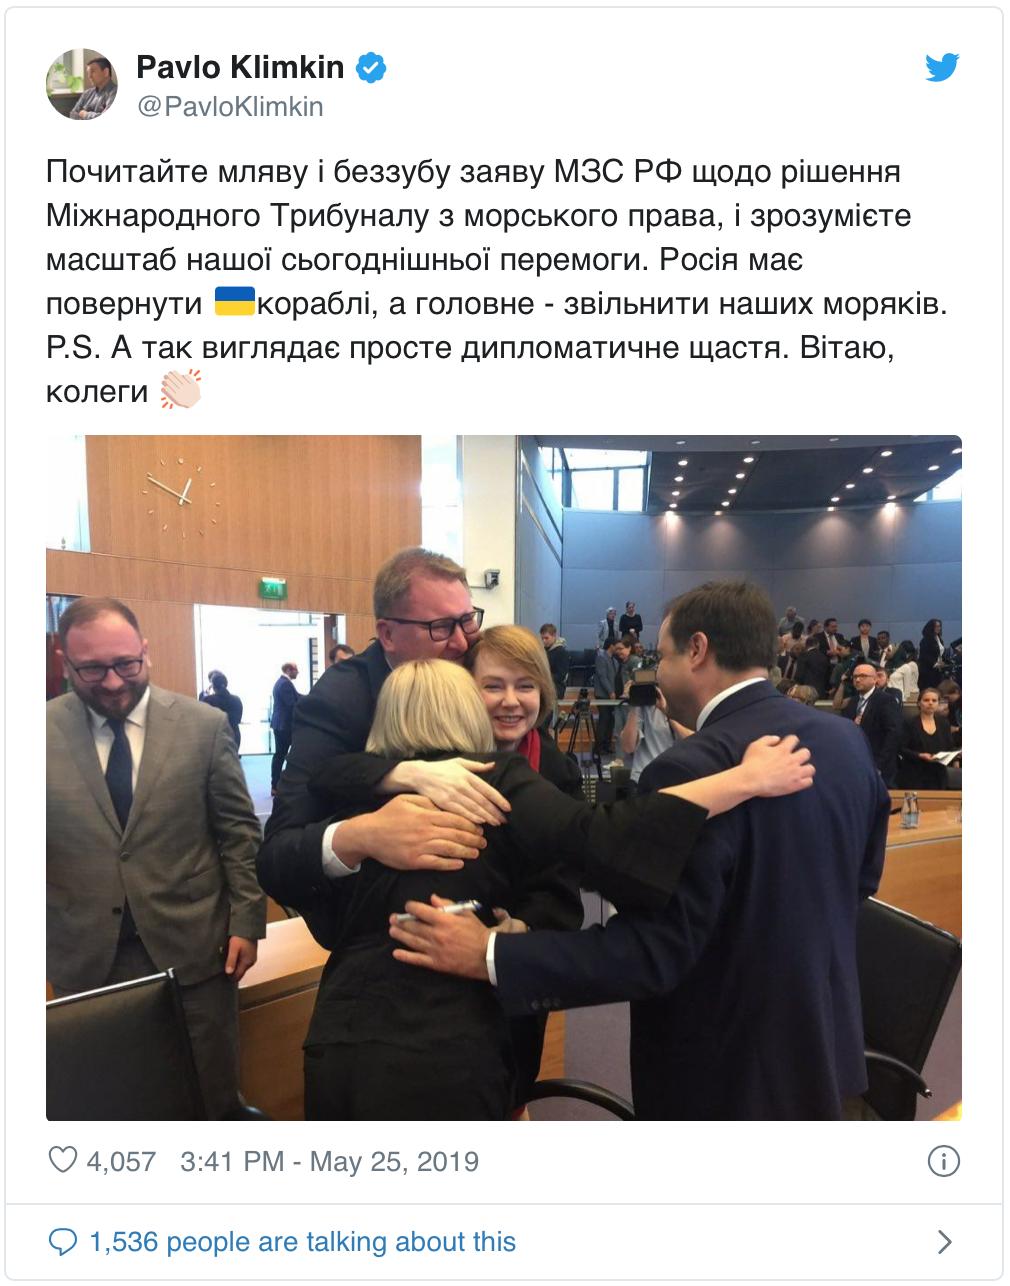 Pavel Klimkin's Twitter